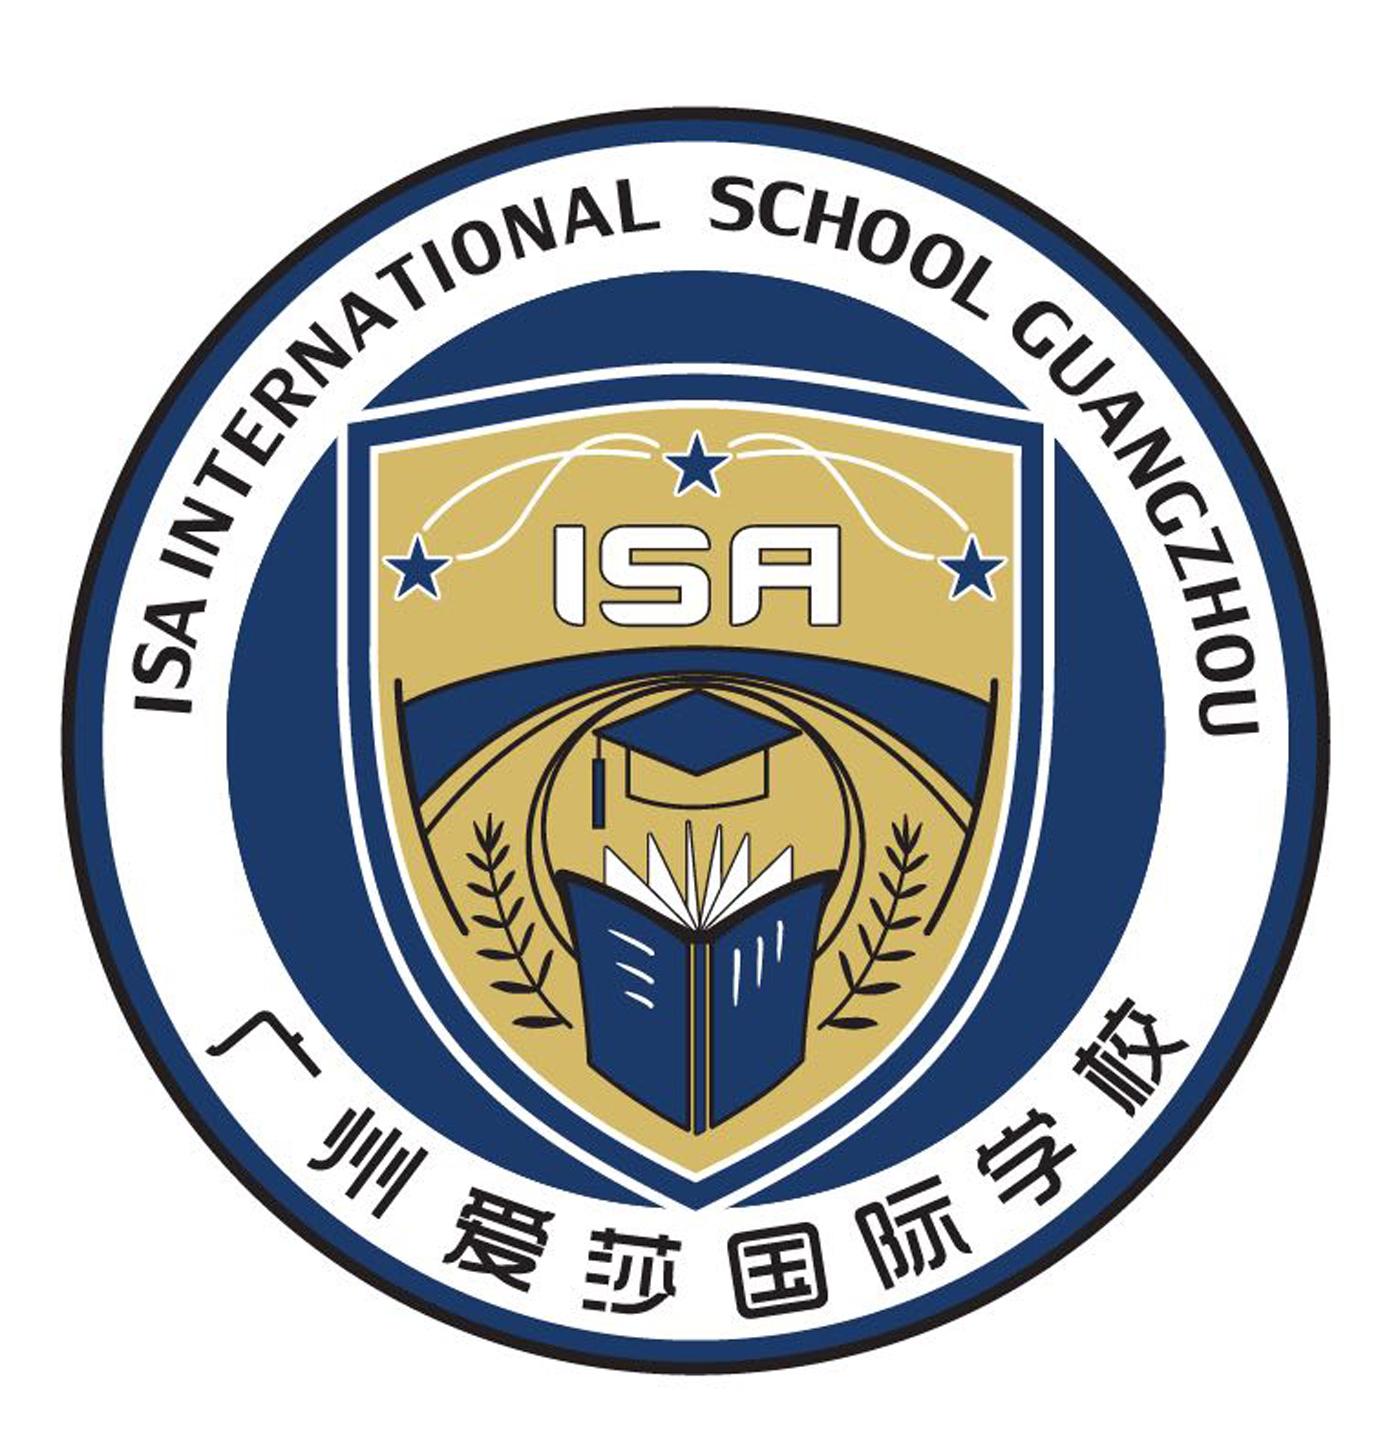 広州愛莎国際学校 【学校概要説明会内容】